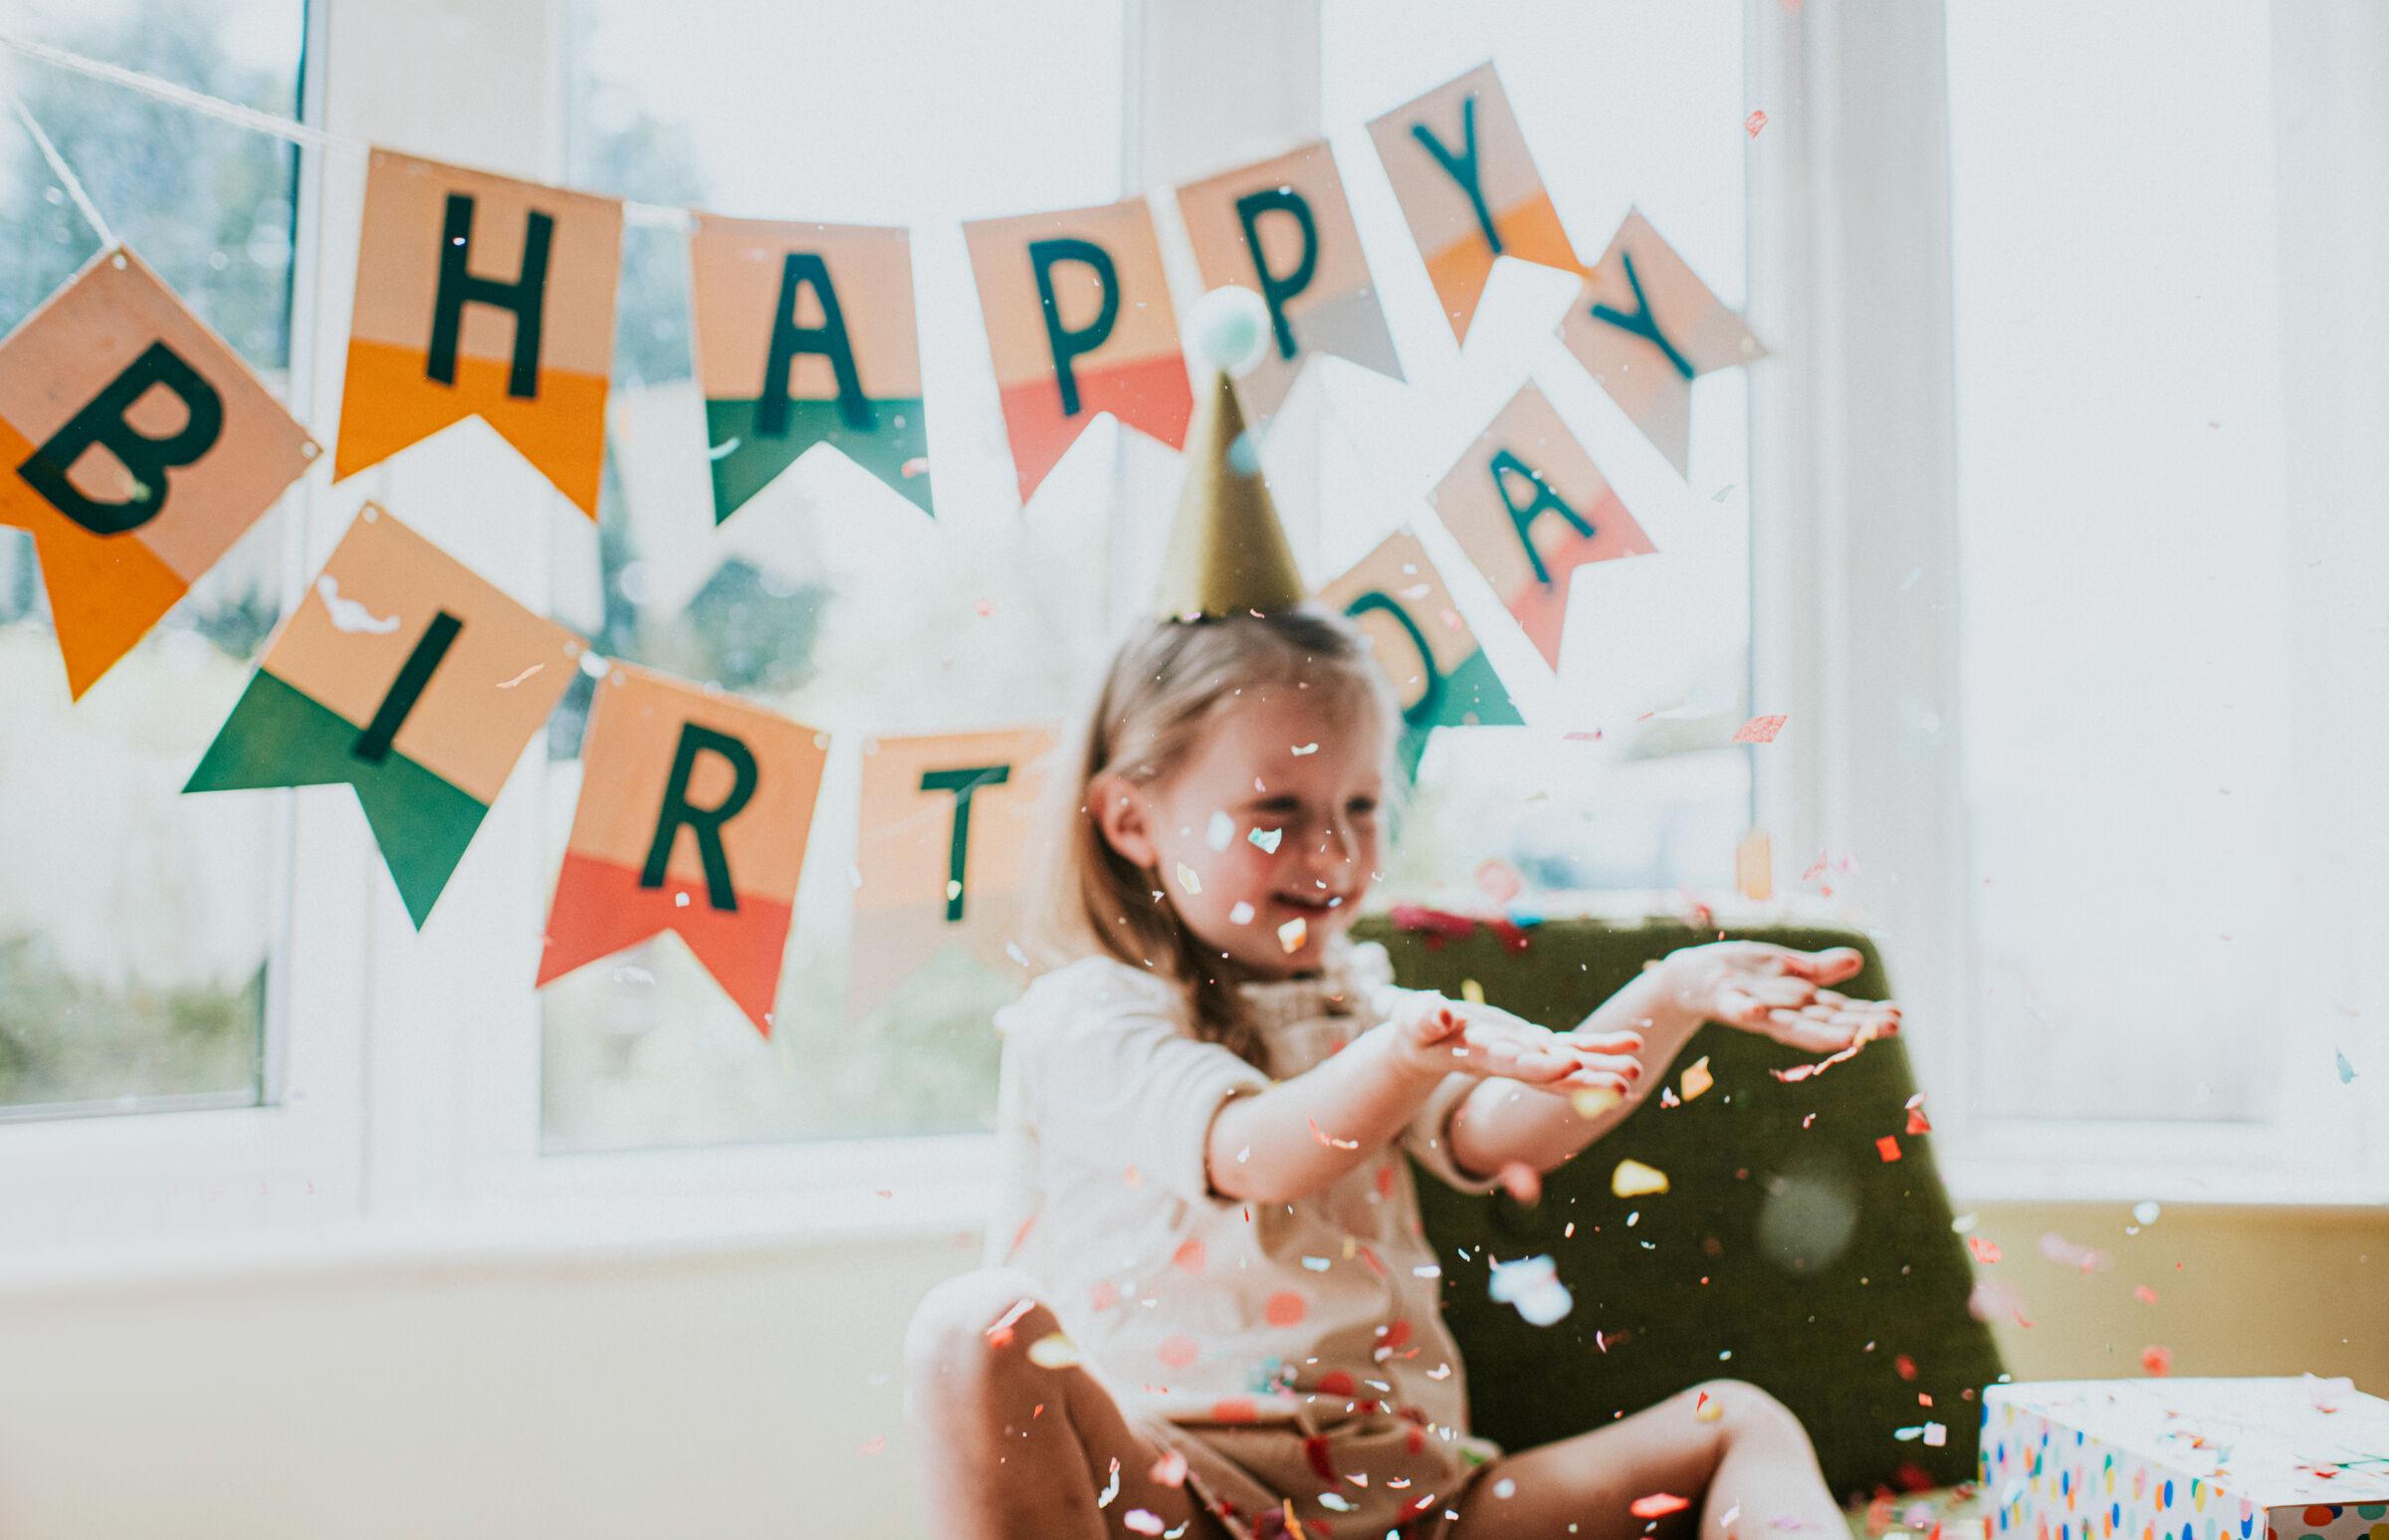 Crianca-jogando-confete-para-cima-no-seu-aniversario-em-casa